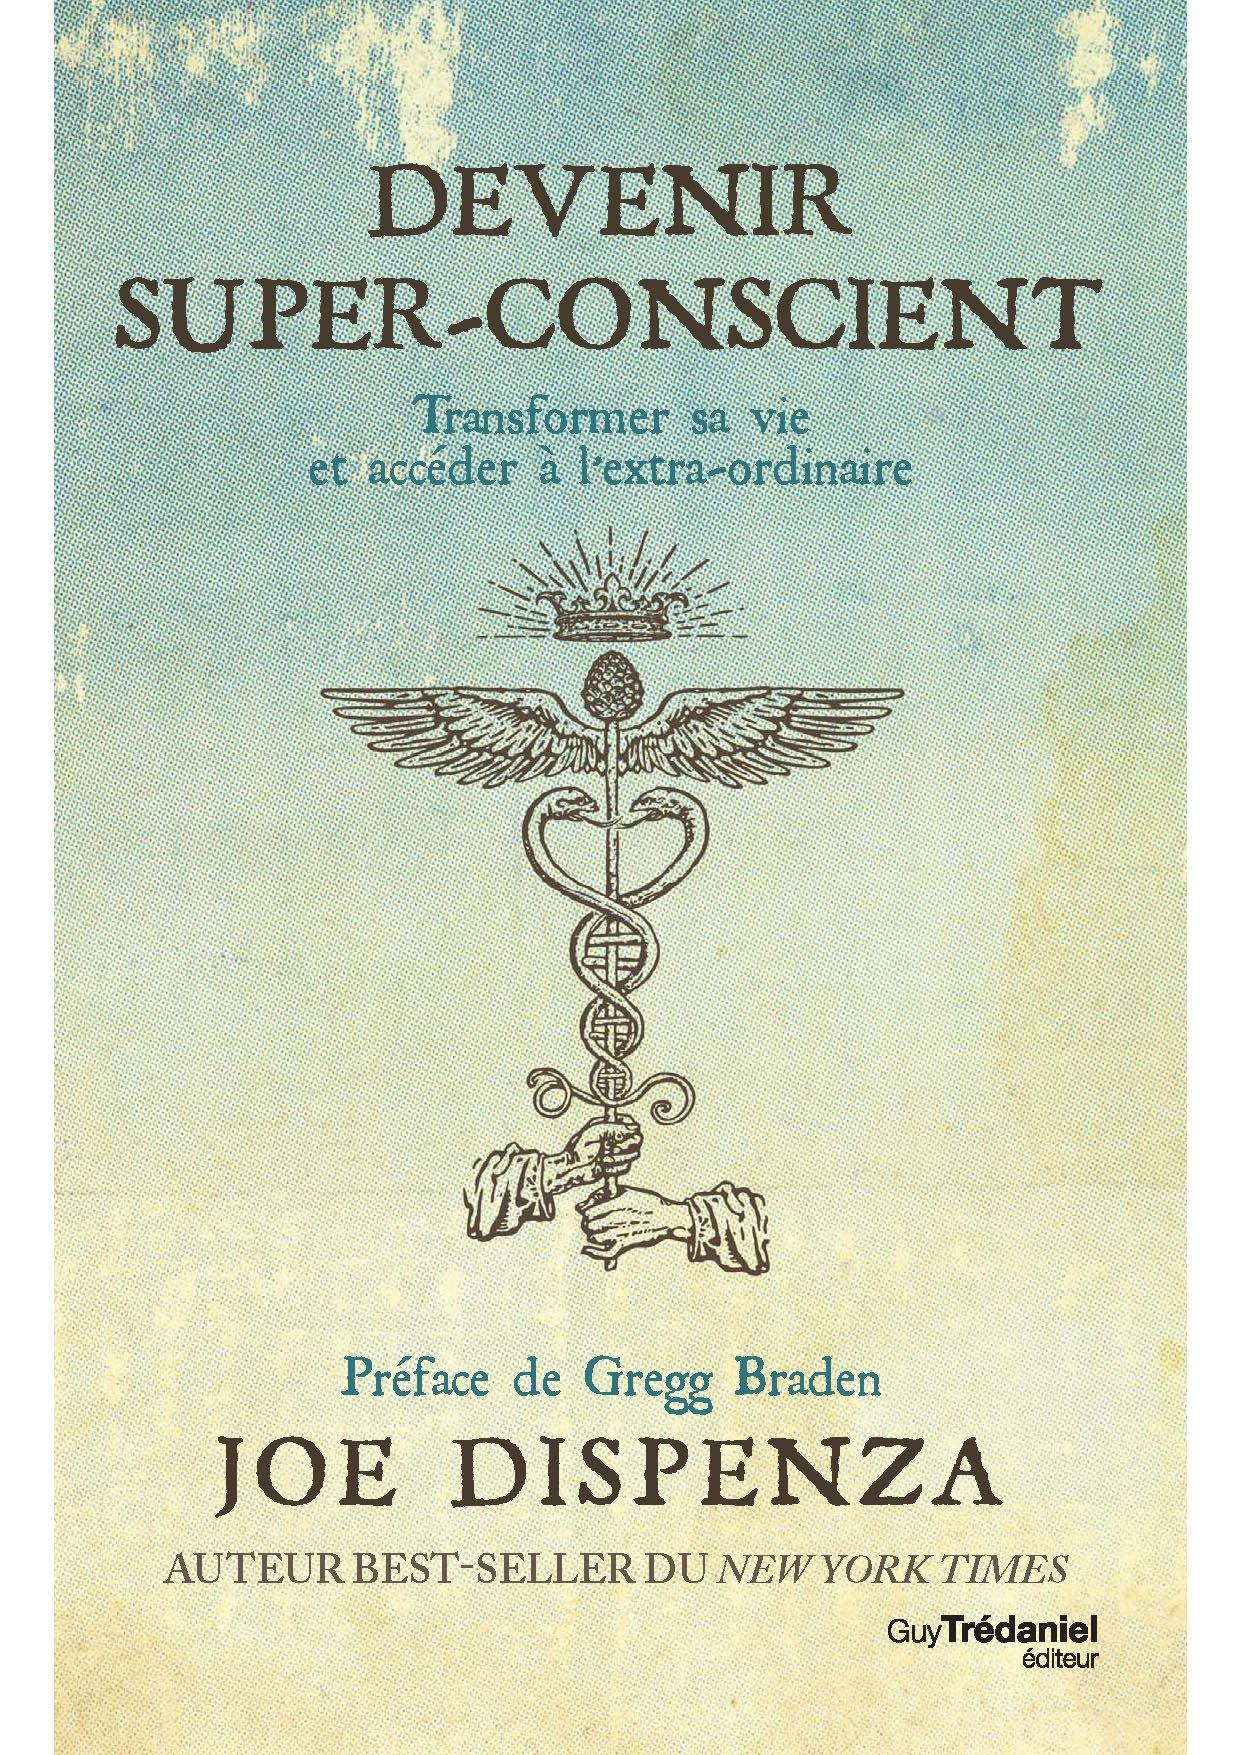 Devenir super-conscient : Transformer sa vie et accéder à l'extra-ordinaire